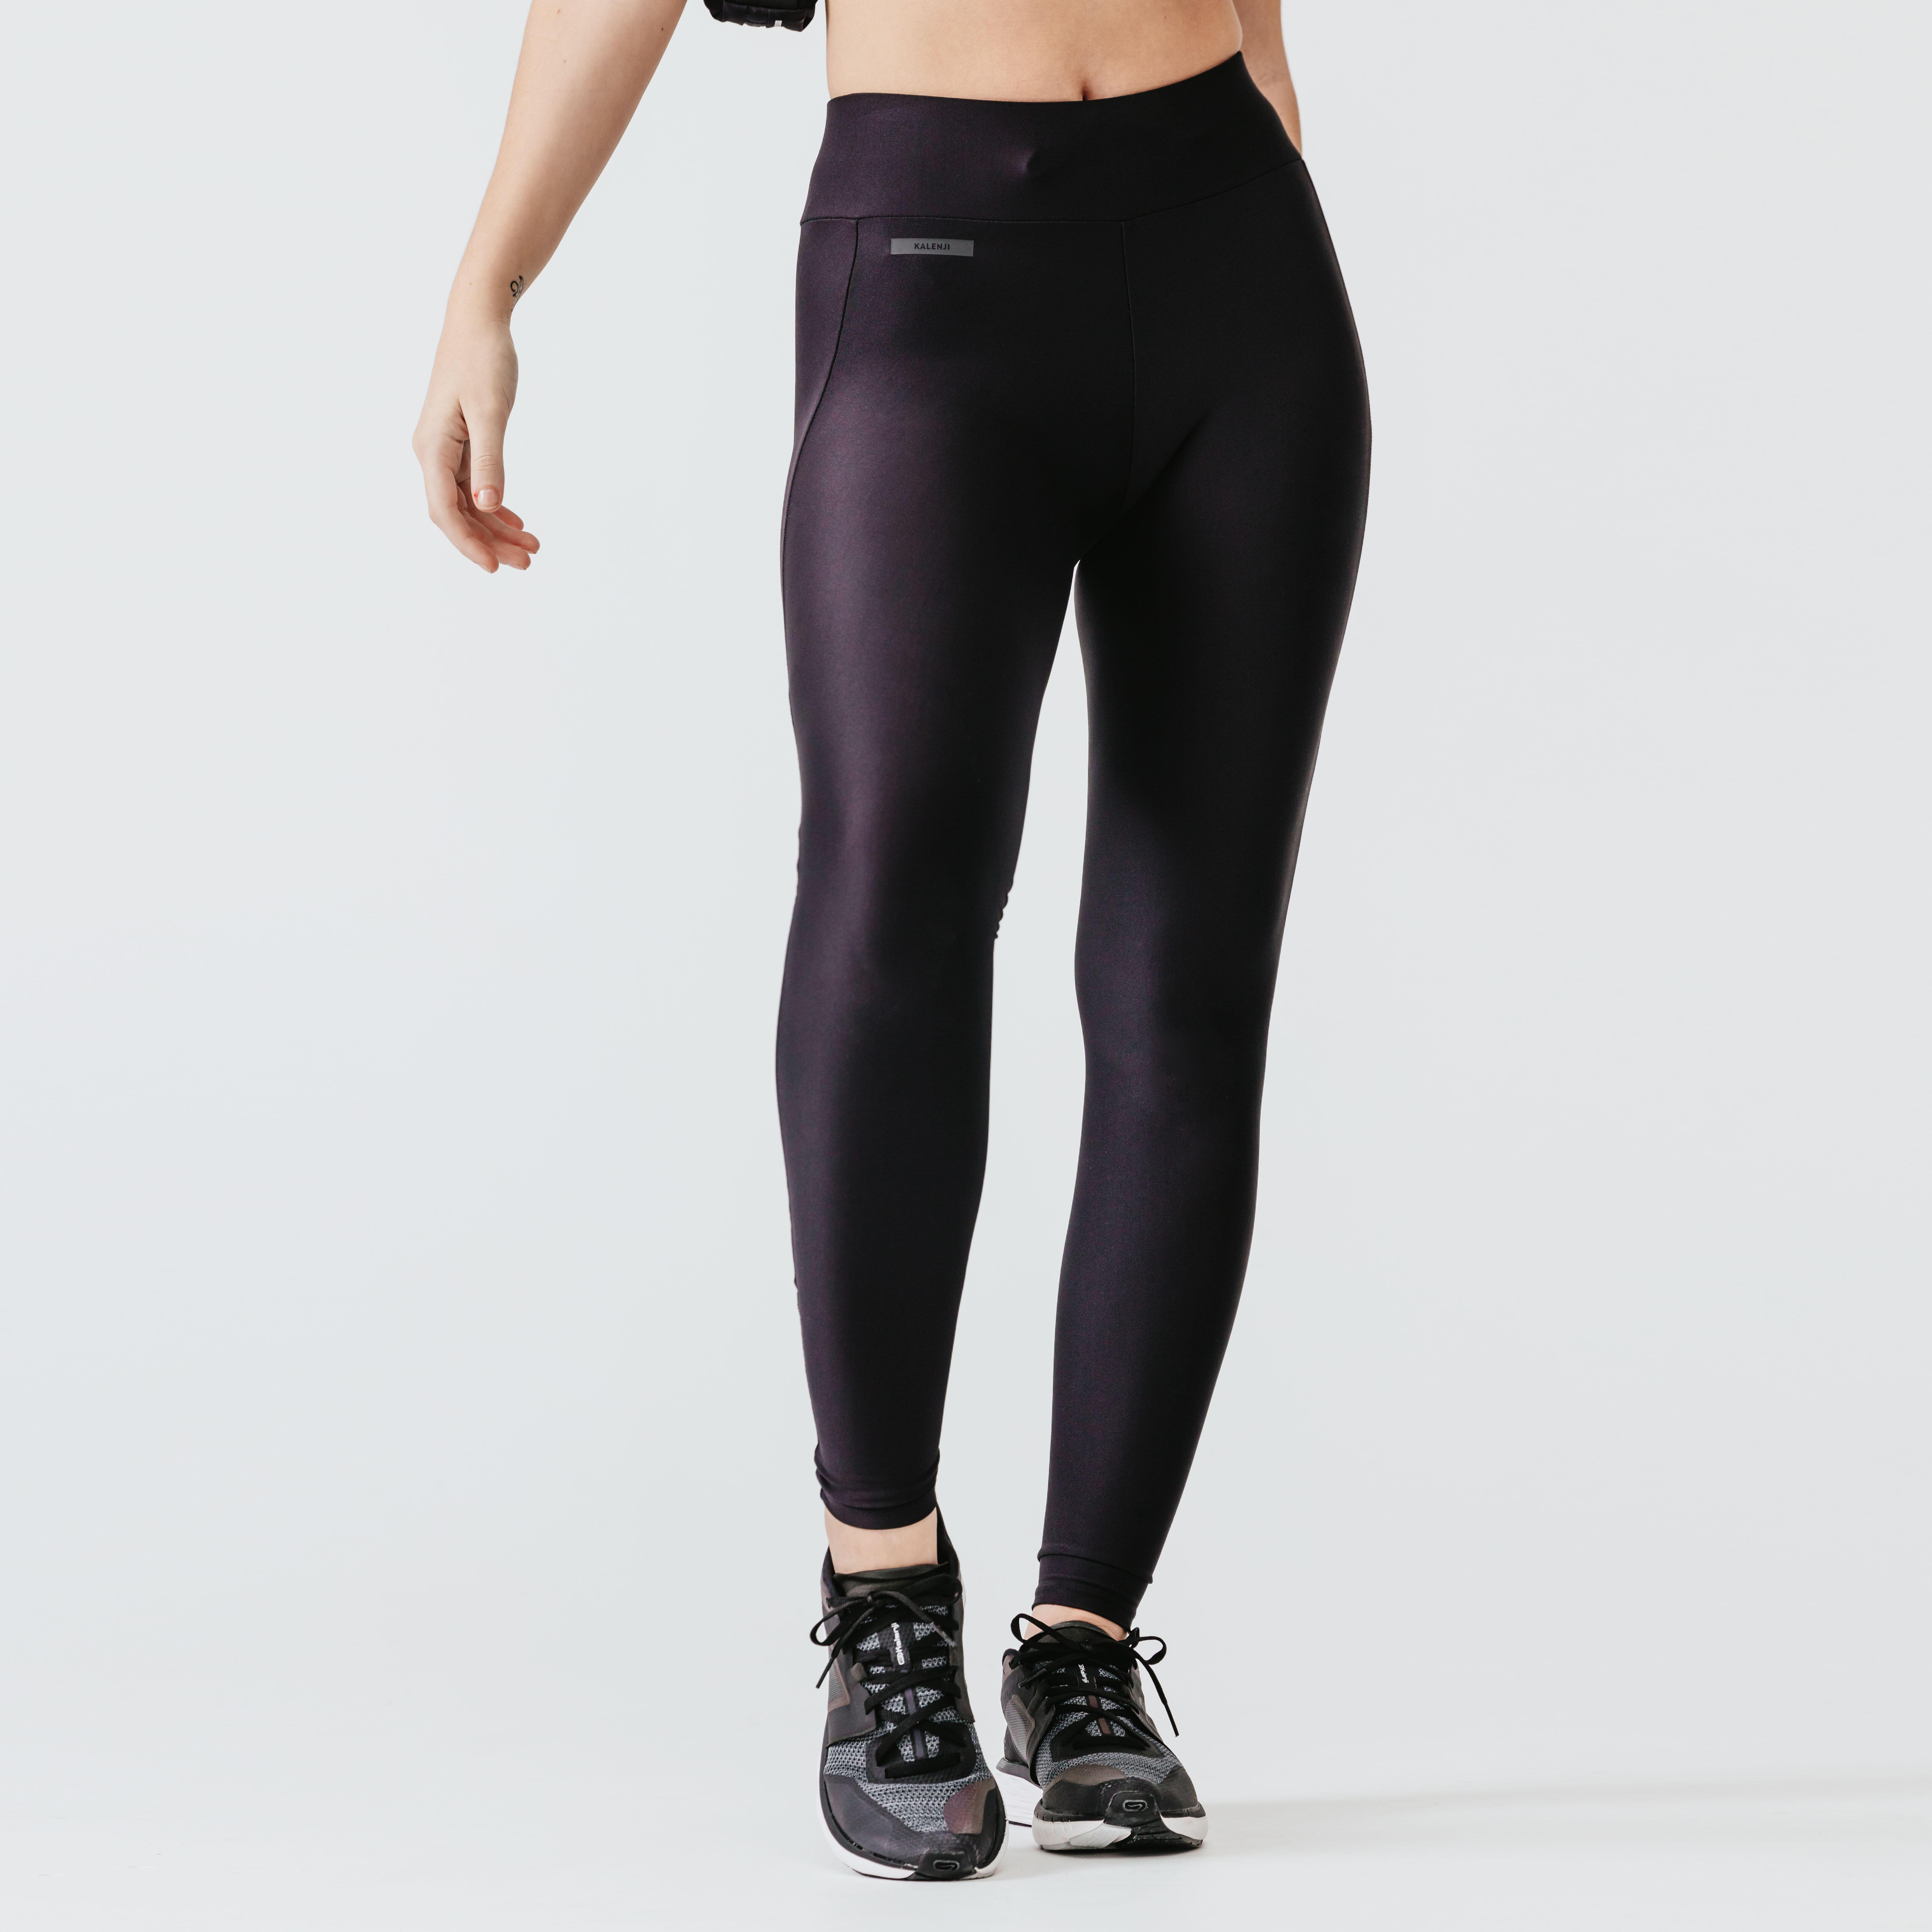 Run Dry Women's Running Tights - Black KALENJI - Decathlon